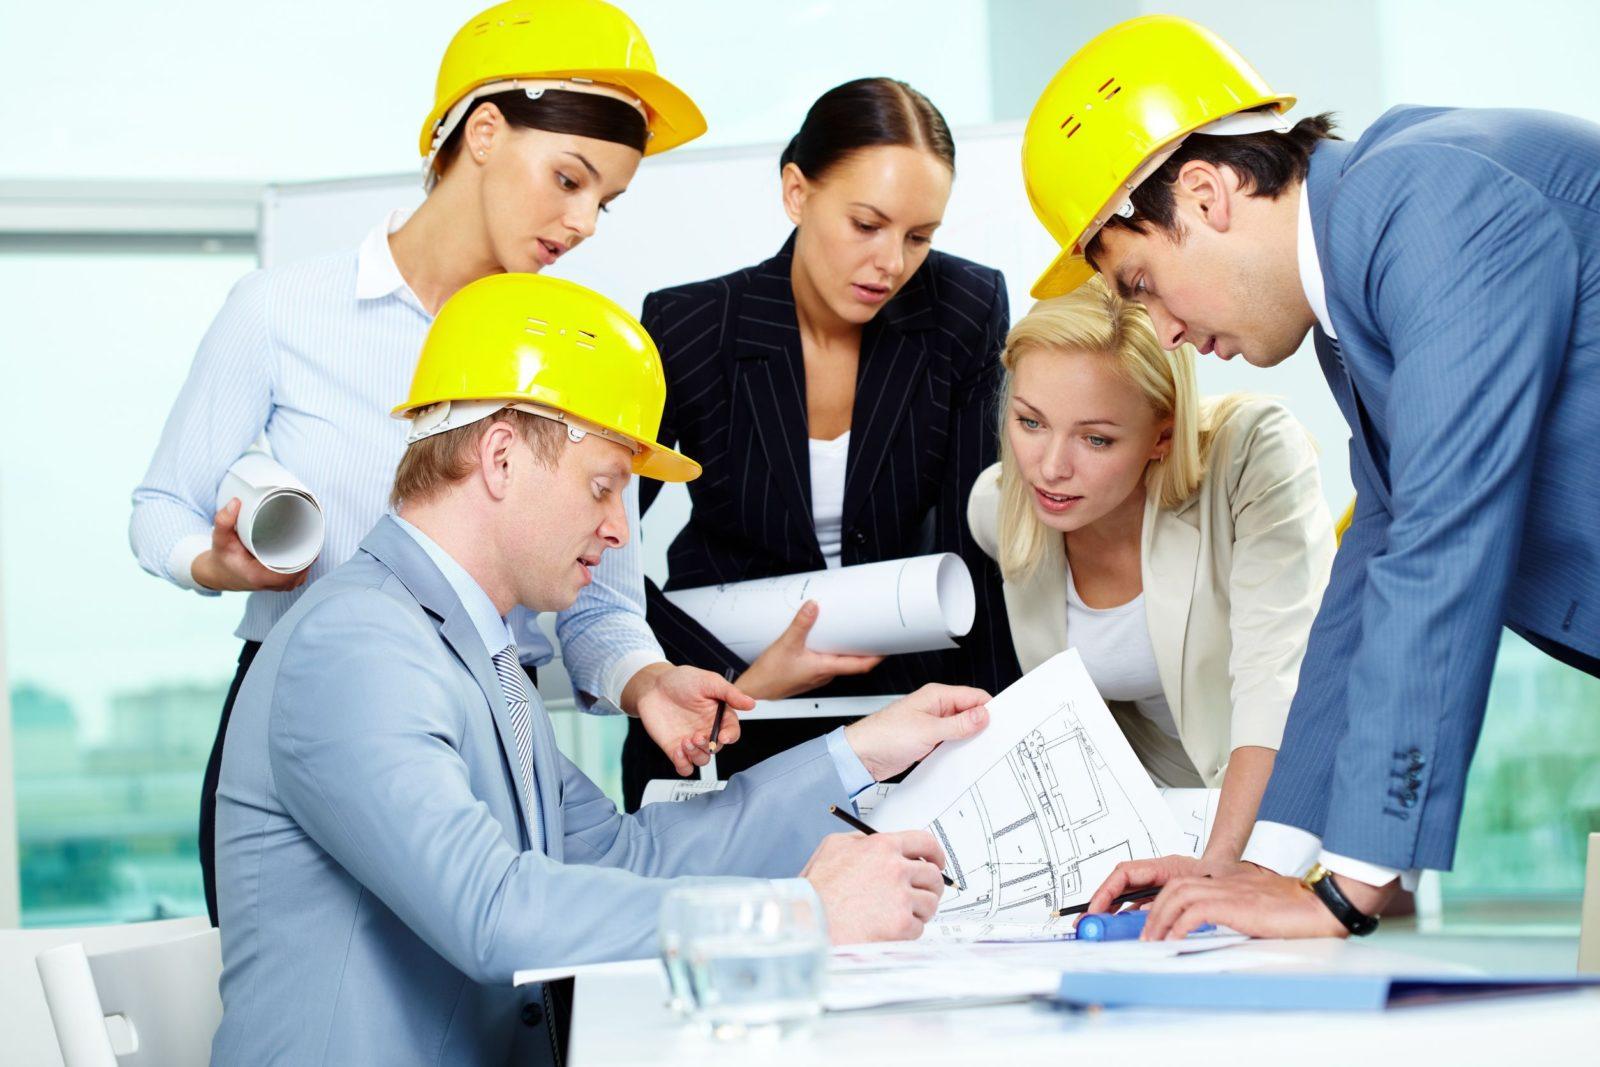 Строительно-ремонтный бизнес: плюсы и минусы